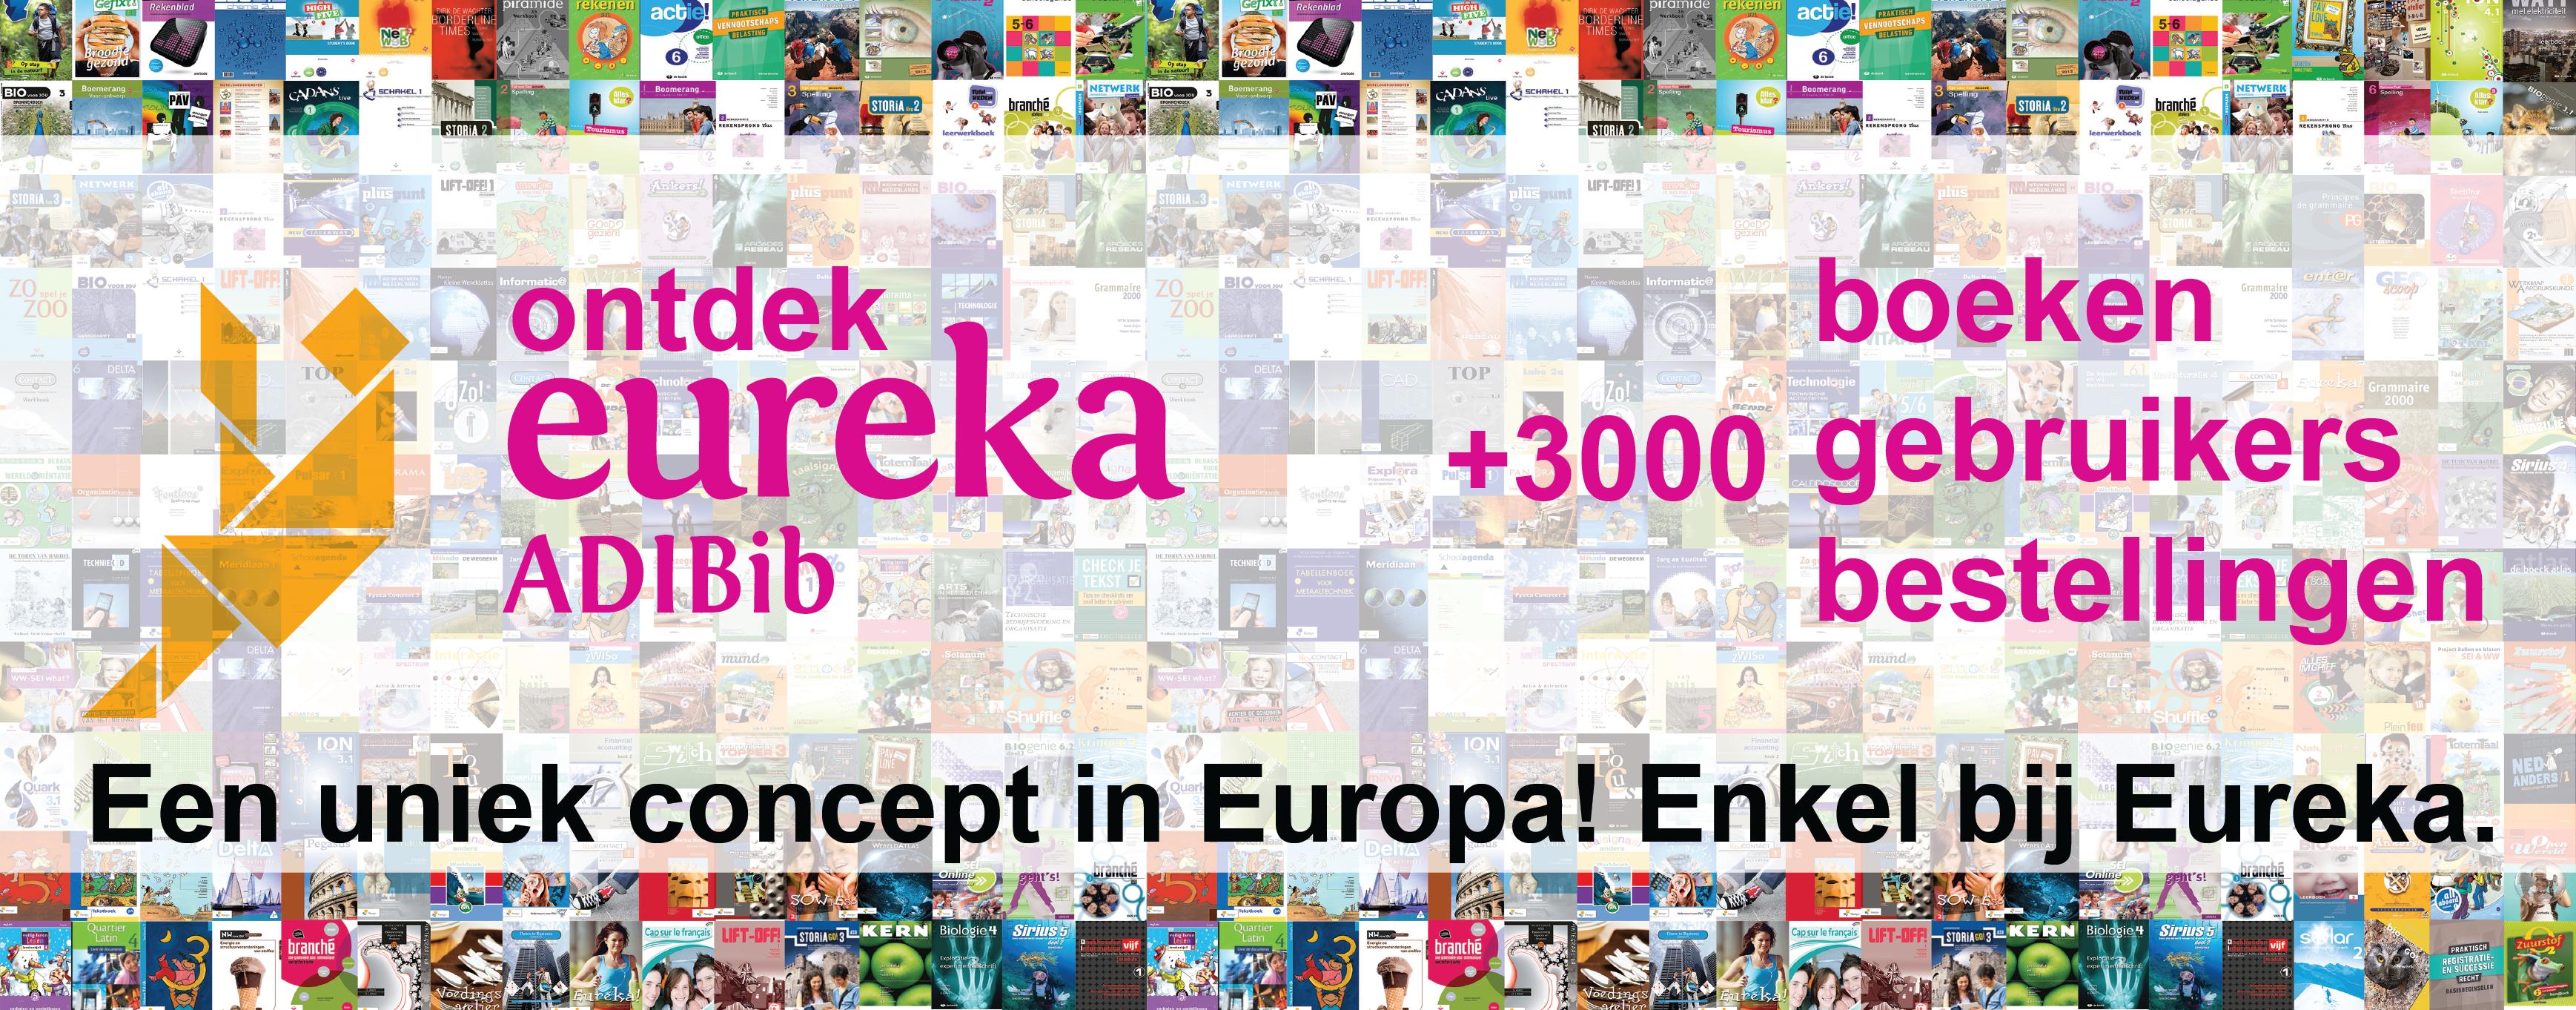 Logo Eureka Die-'s-lekti-kus